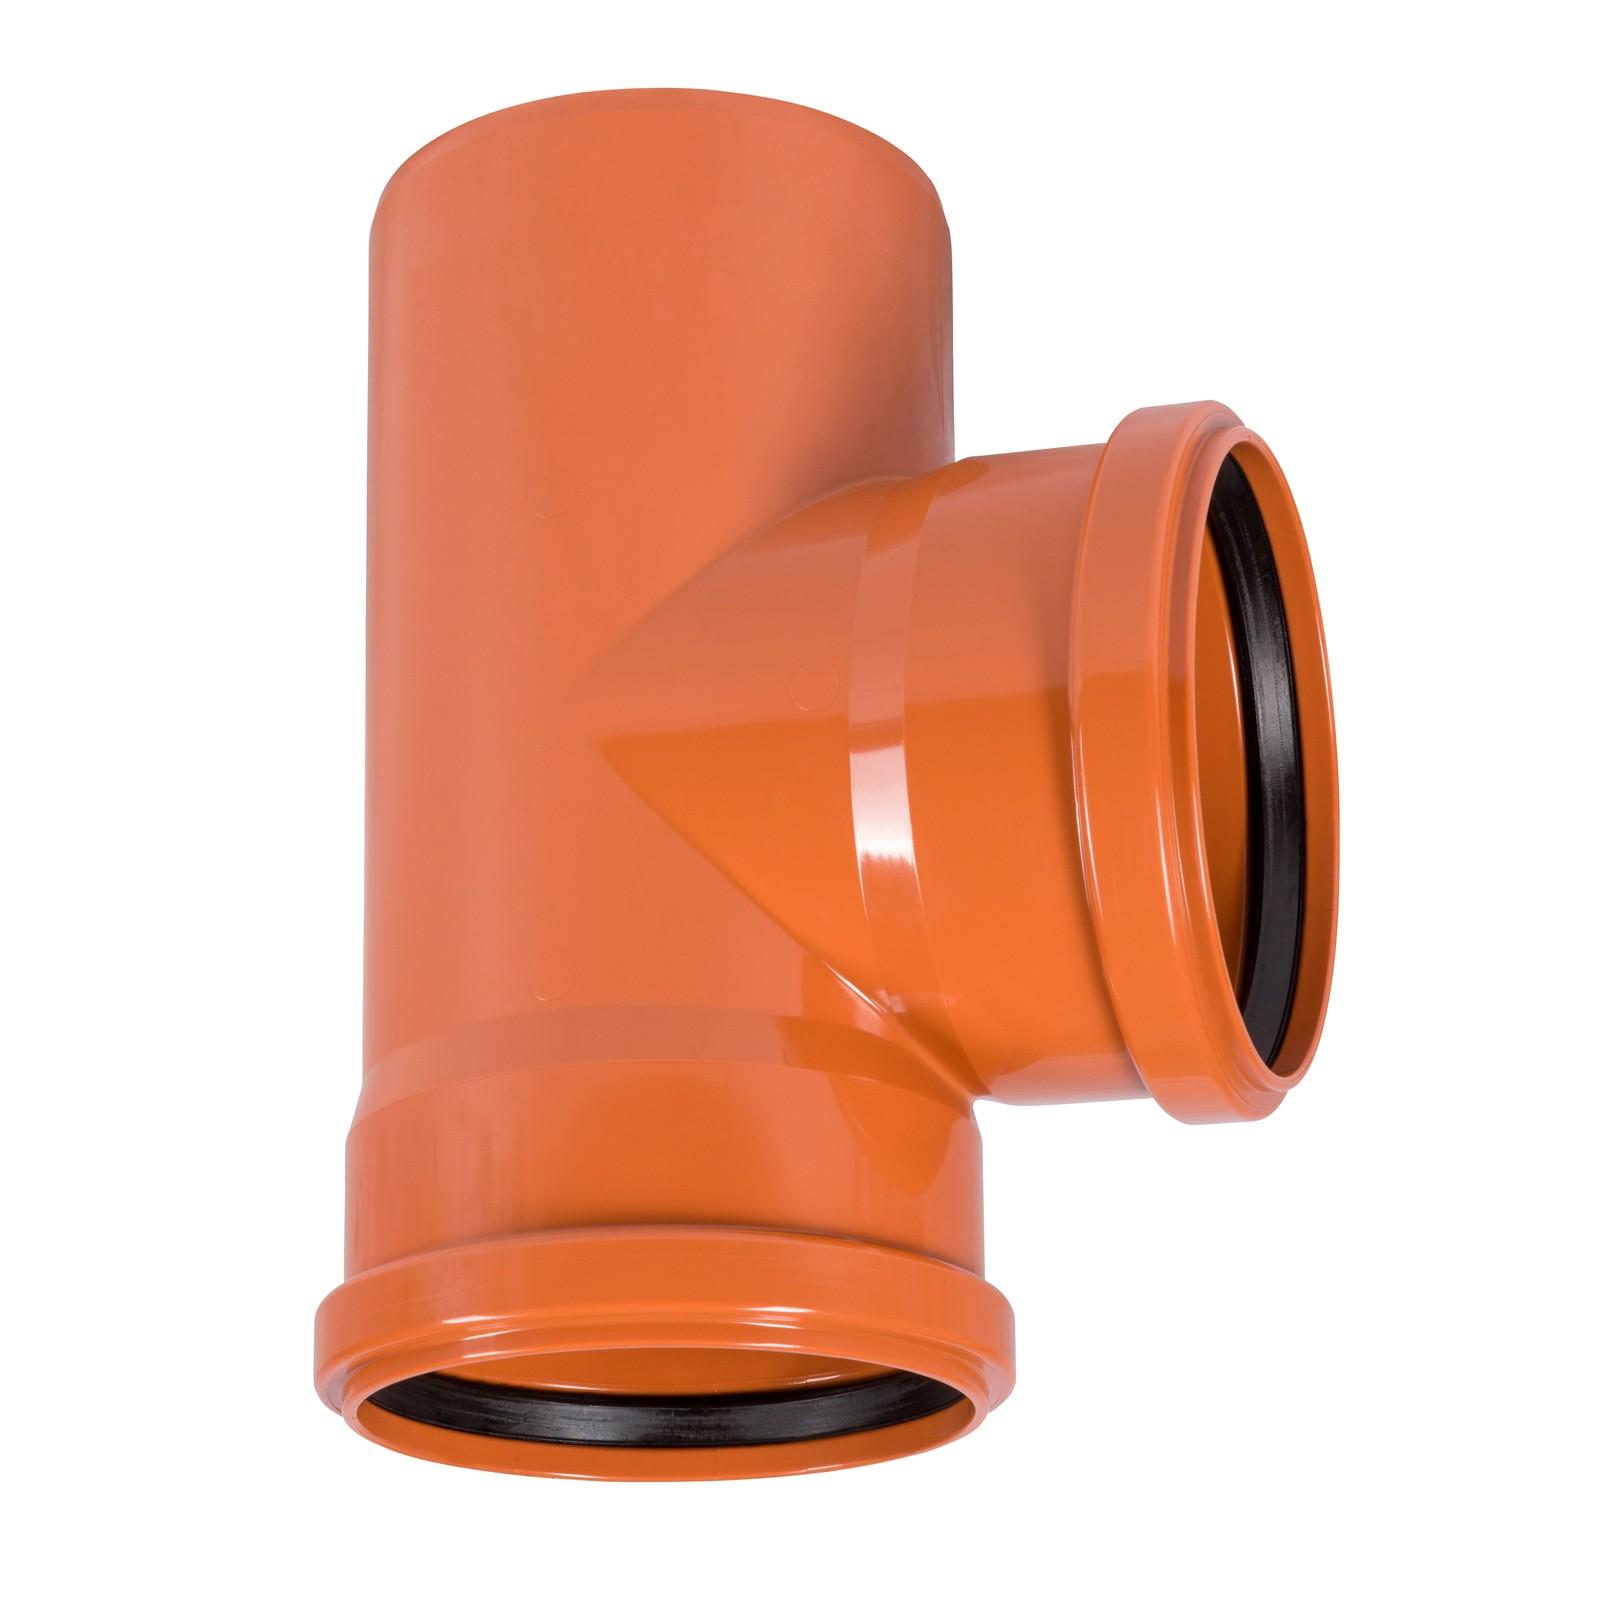 kg abzweig dn 200 110 87 abwasserrohr kanalrohr orange. Black Bedroom Furniture Sets. Home Design Ideas